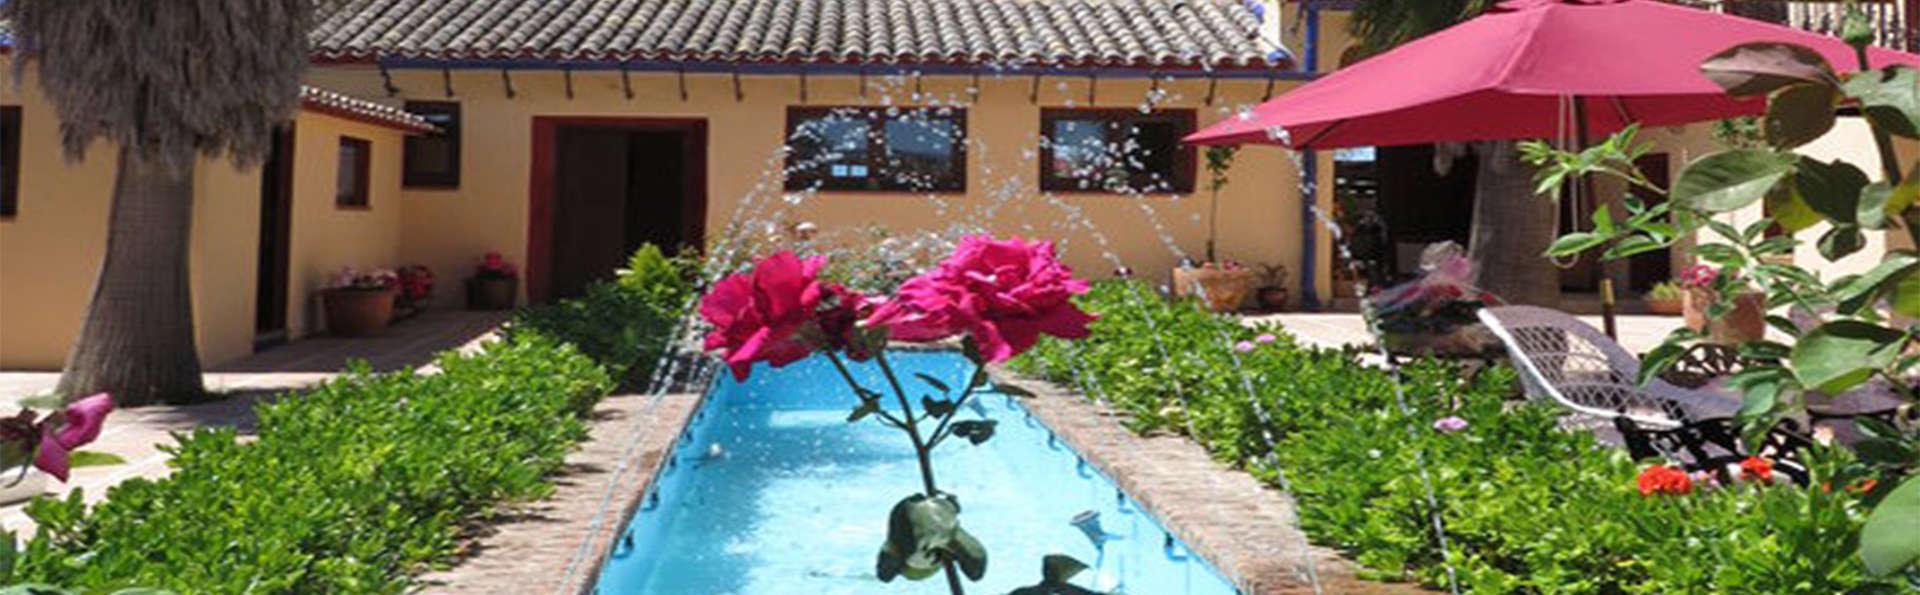 Hacienda Mendoza - FUENTE_PATIO_ENTRADA_HOTEL.jpg